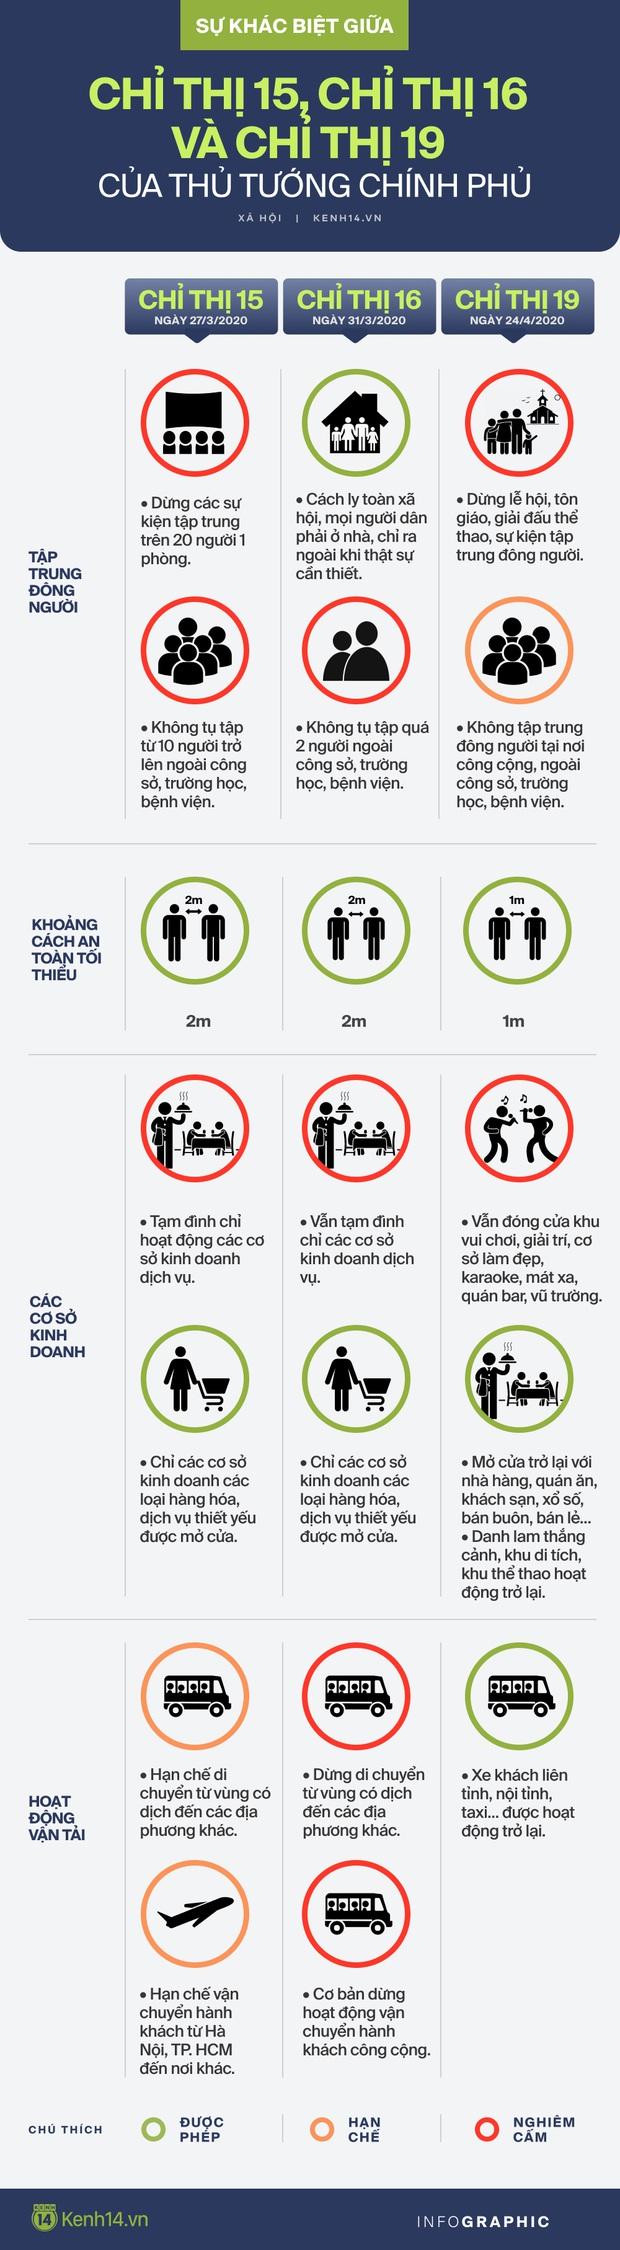 Sự khác nhau giữa Chỉ thị 15, Chỉ thị 16 và Chỉ thị 19 của Thủ tướng Chính phủ - Ảnh 1.